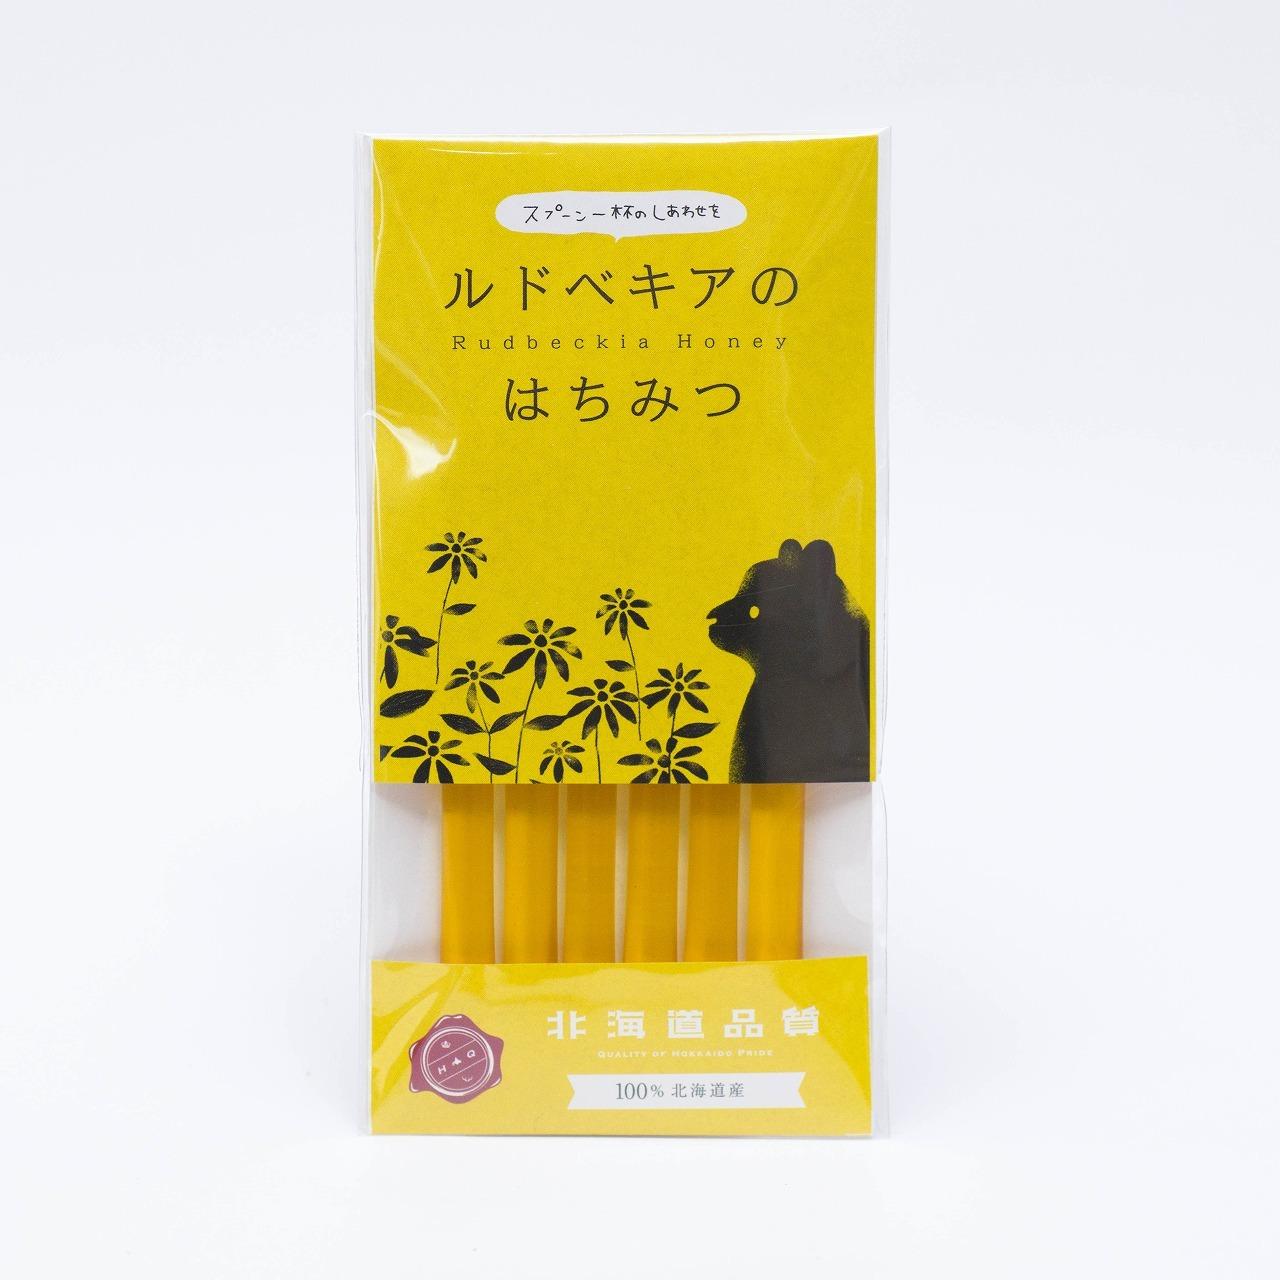 BEEDO スティック蜂蜜 2.5g×6本 ルドベキア